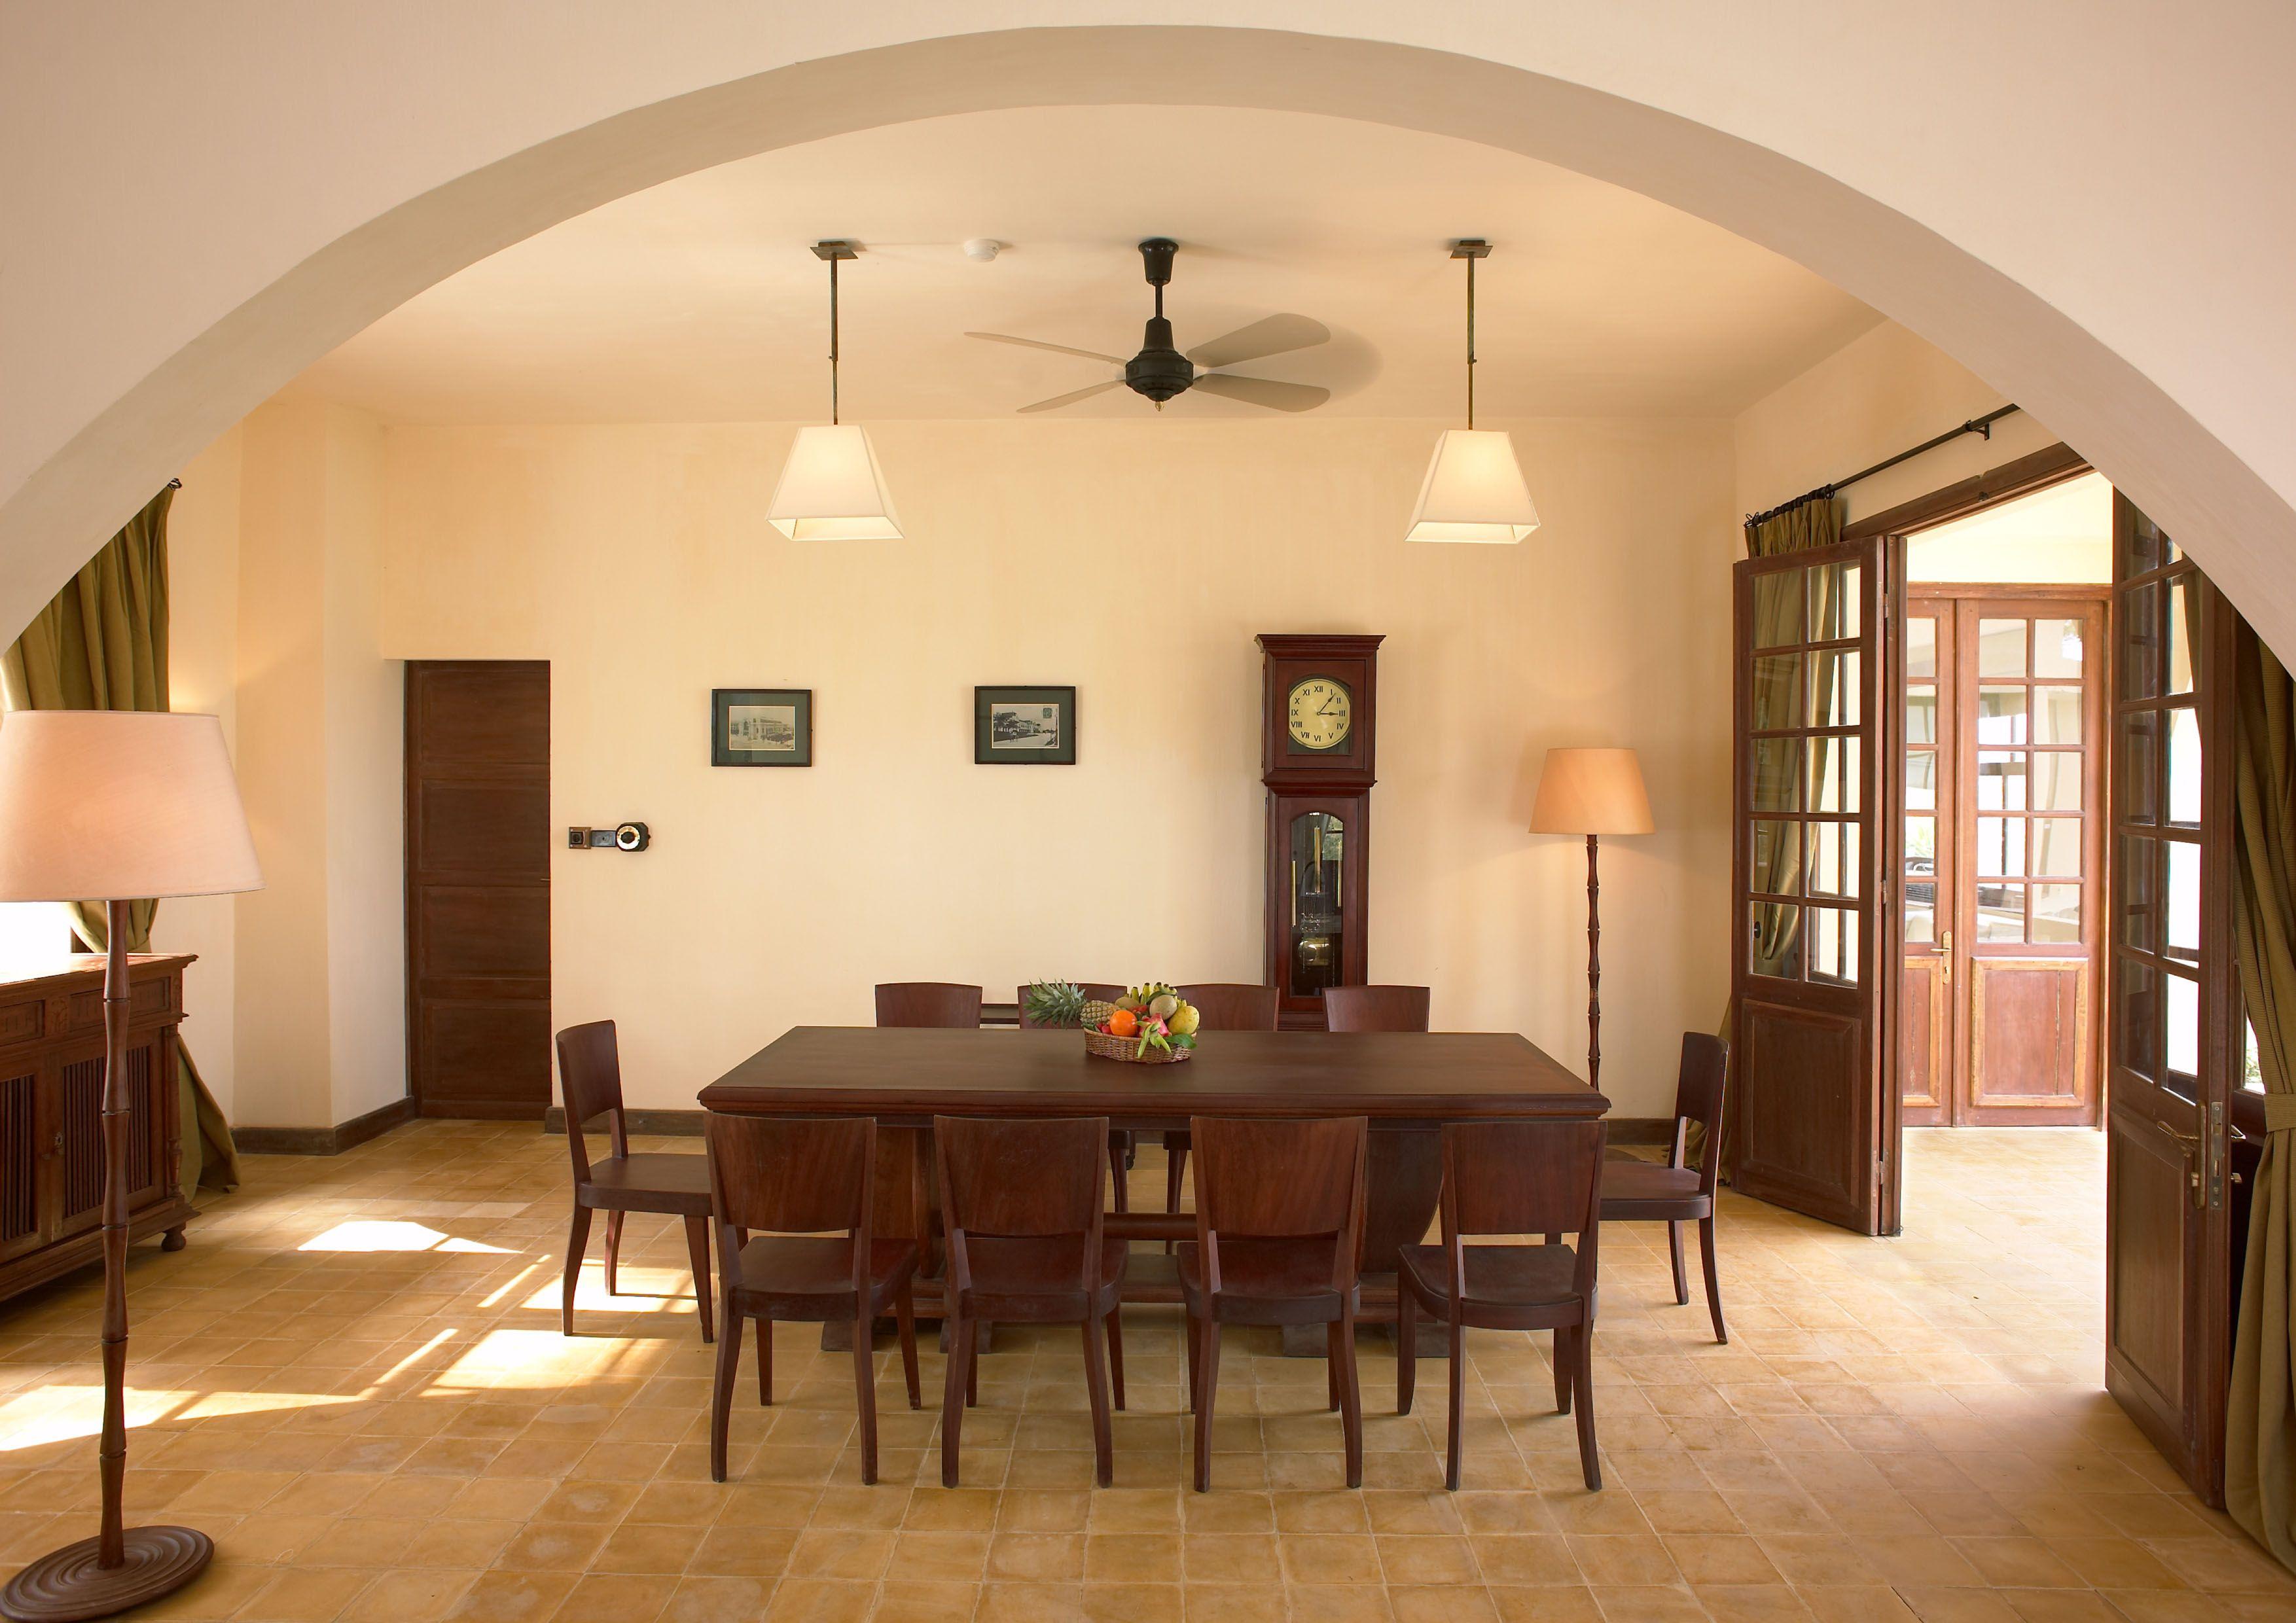 Dining Room Interior Design Dining Room Dining Room Furniture Design Dining Room Interiors